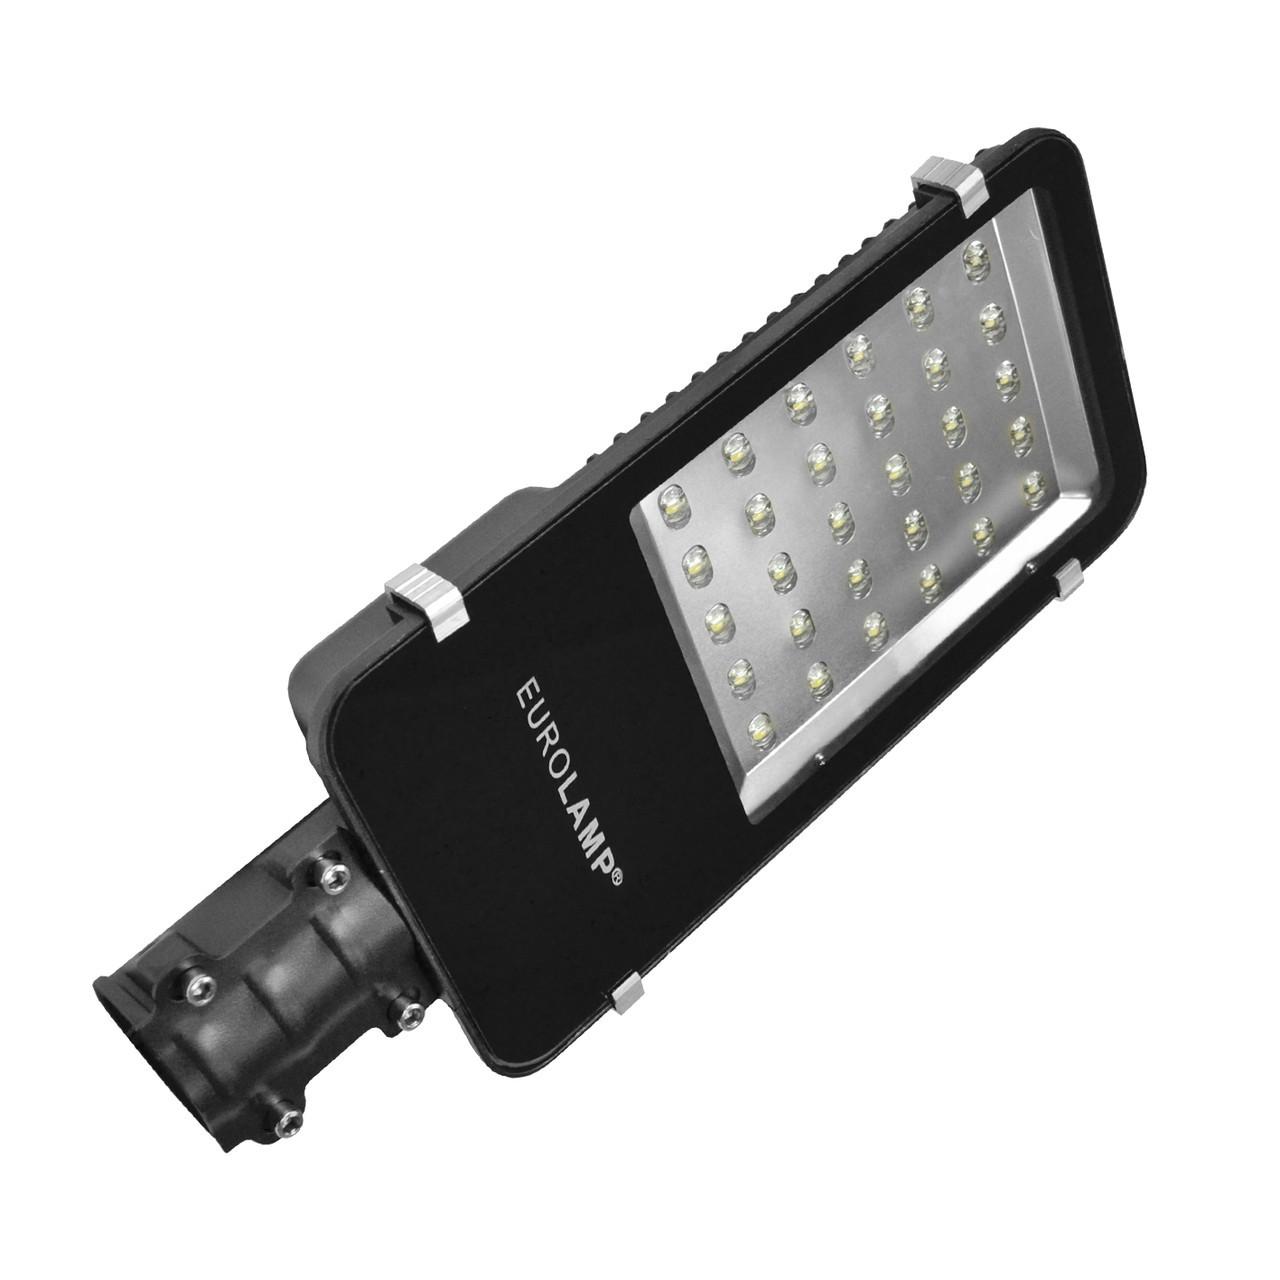 LED Светильник уличный EUROLAMP SMD черный 30W 6000K classic